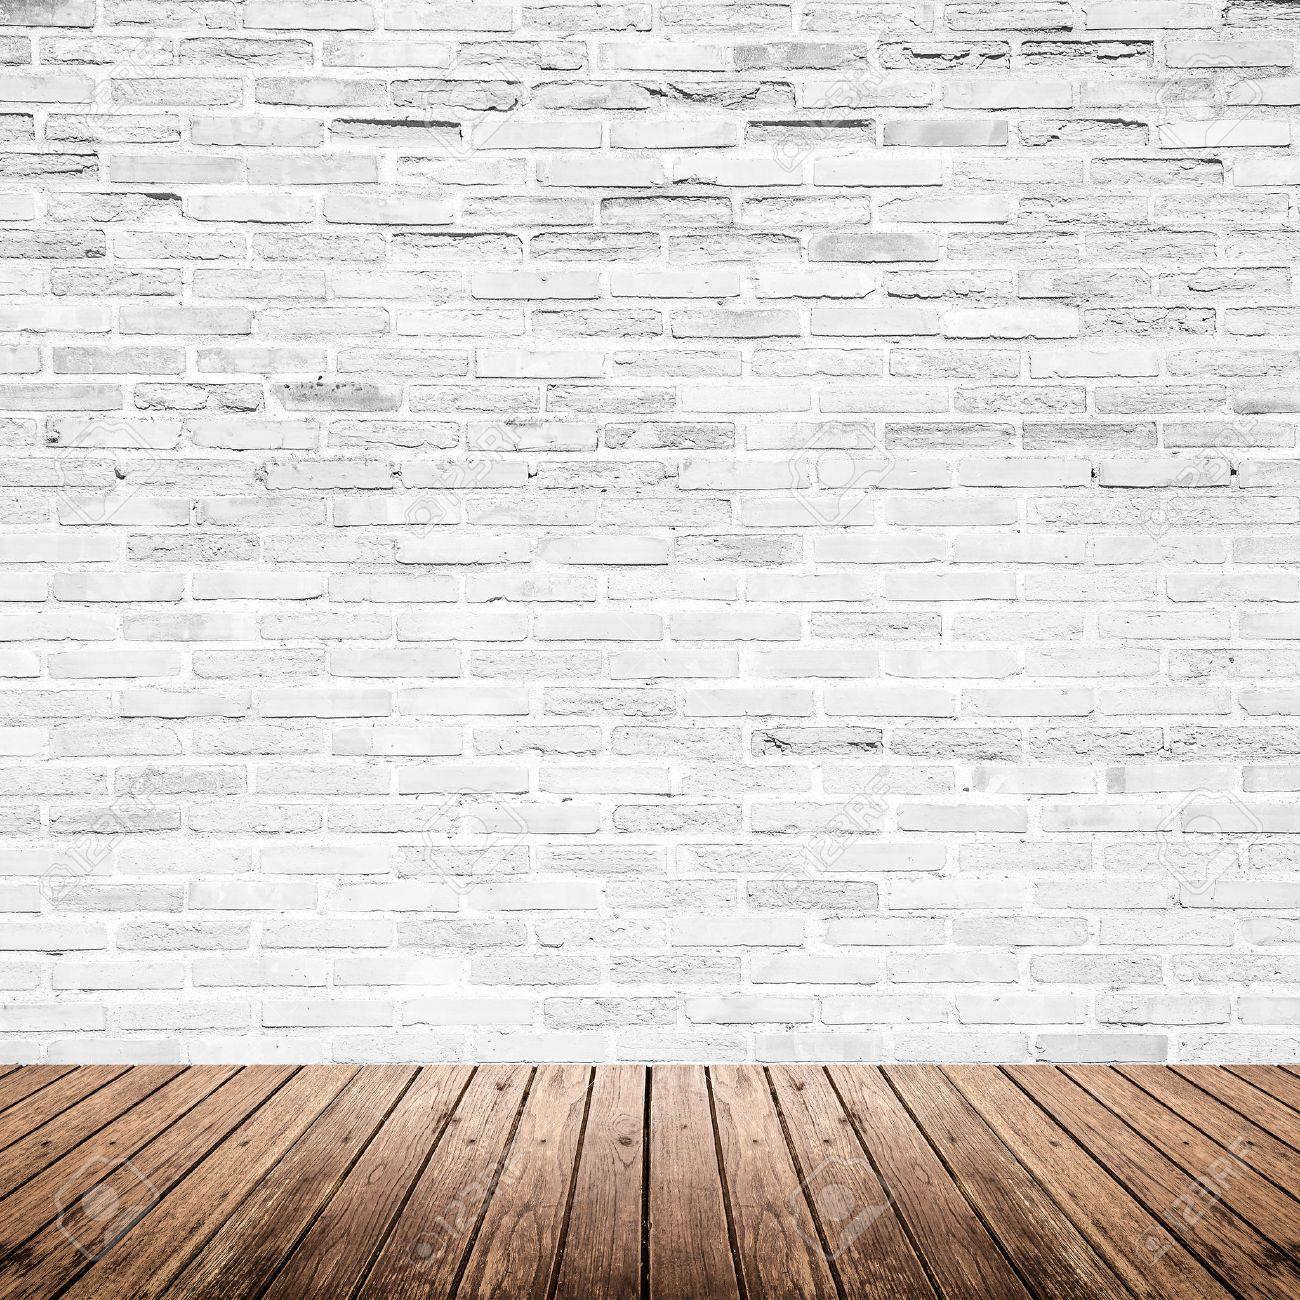 Merveilleux Banque Du0027images   Old Room Intérieur Avec Mur De Briques Blanc Cassé Et  Grunge Plancher De Bois Texture